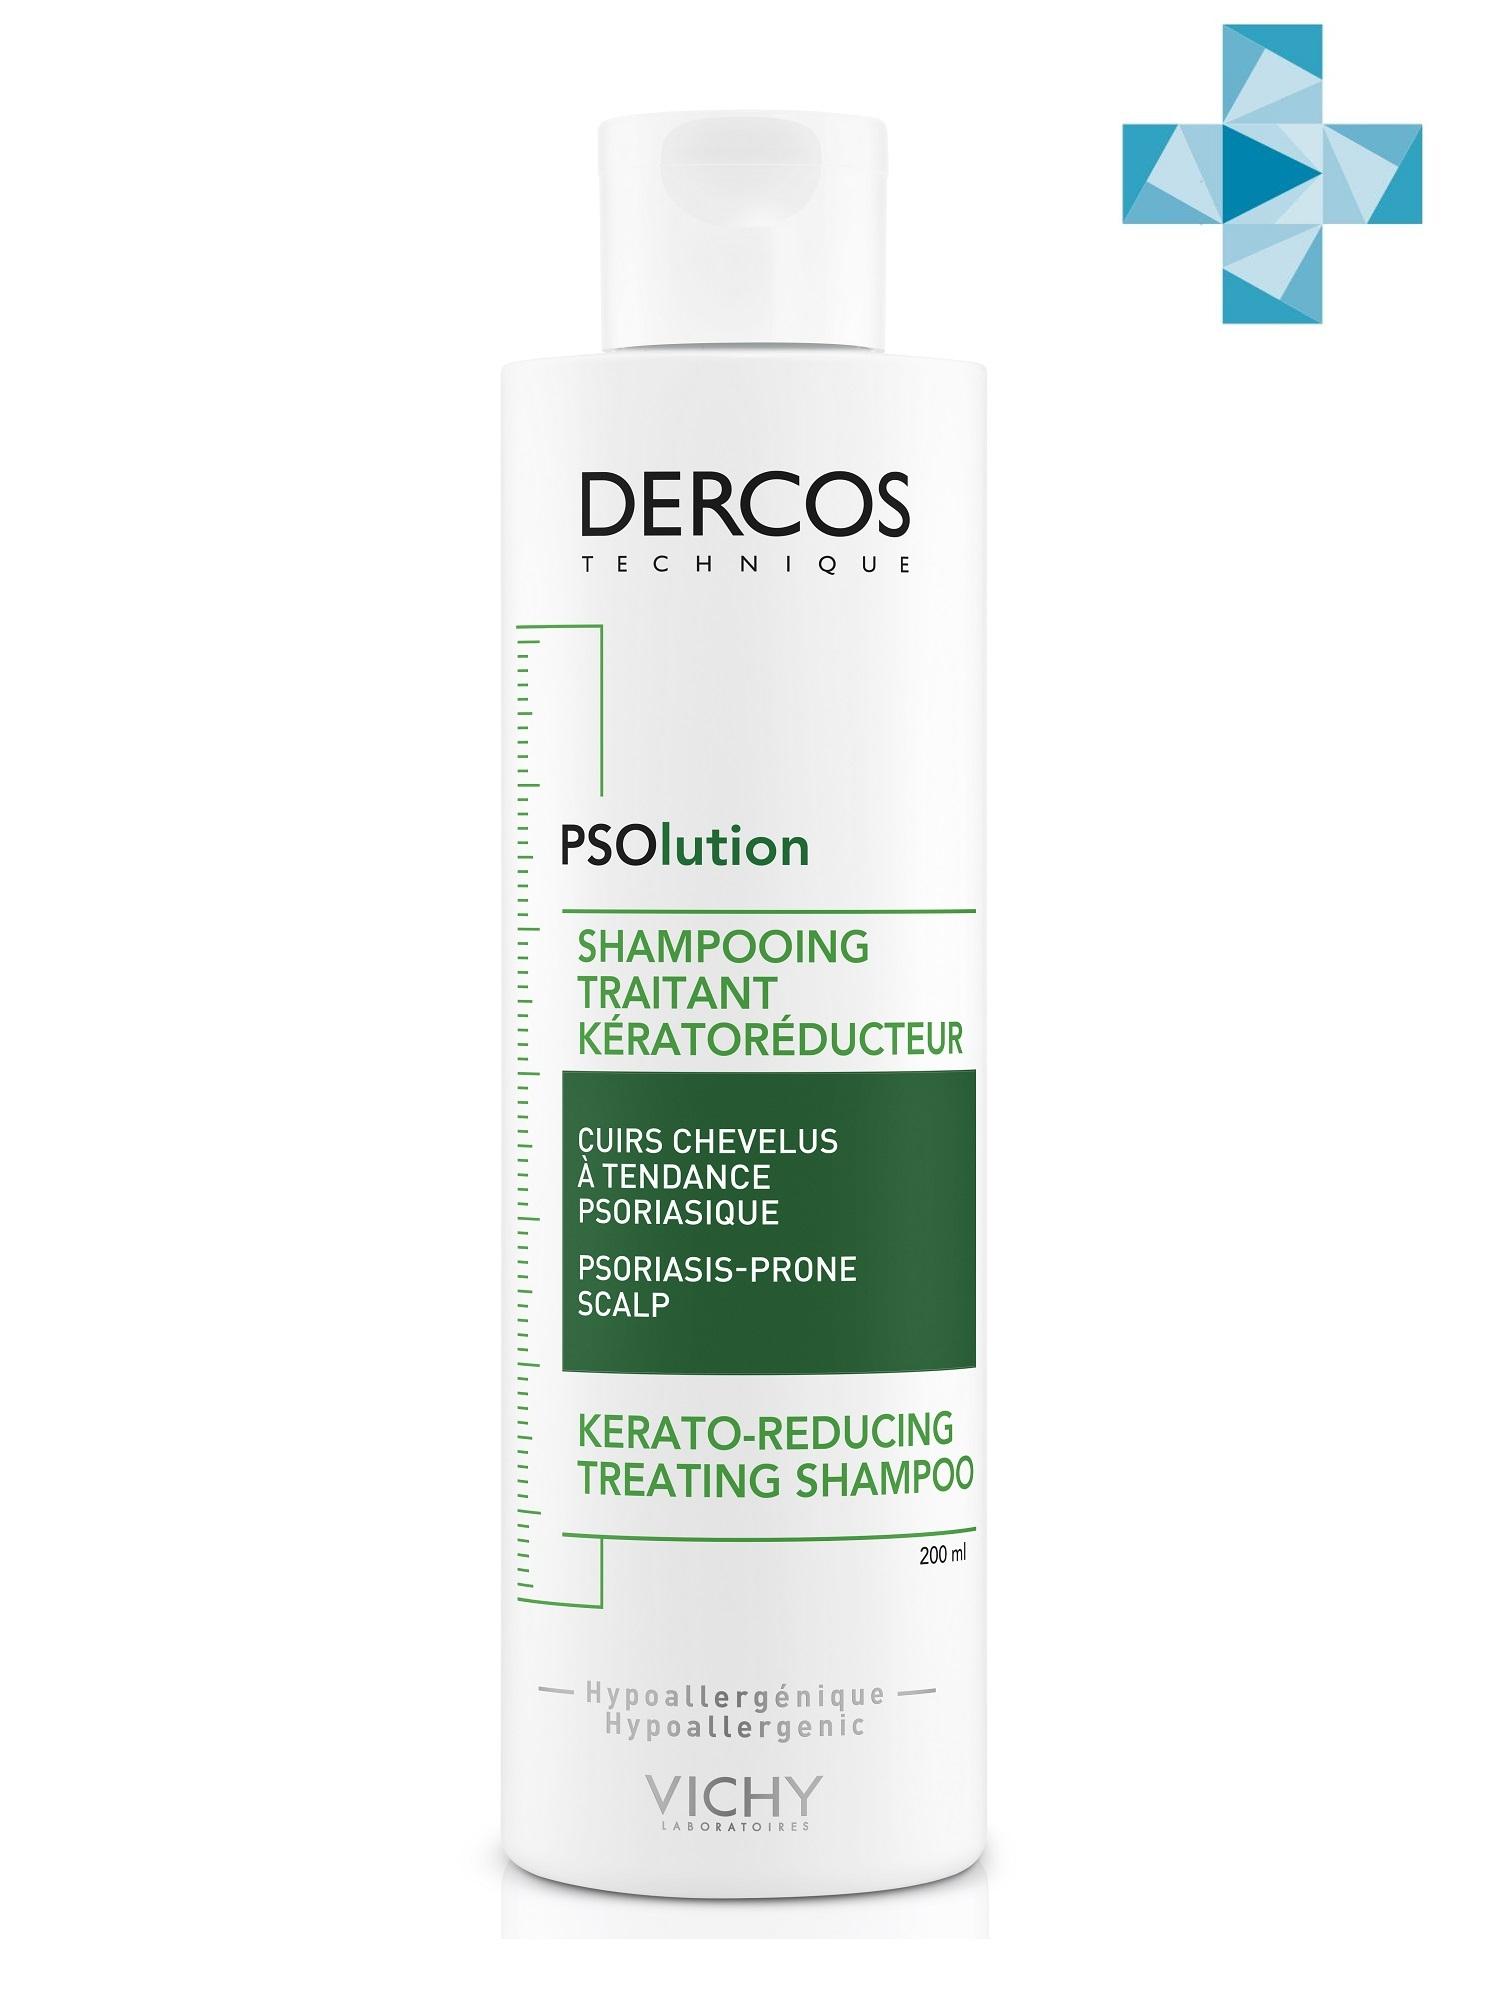 Купить Vichy Кераторегулирующий шампунь для кожи головы, склонной к псориазу, 200 мл (Vichy, Dercos), Франция